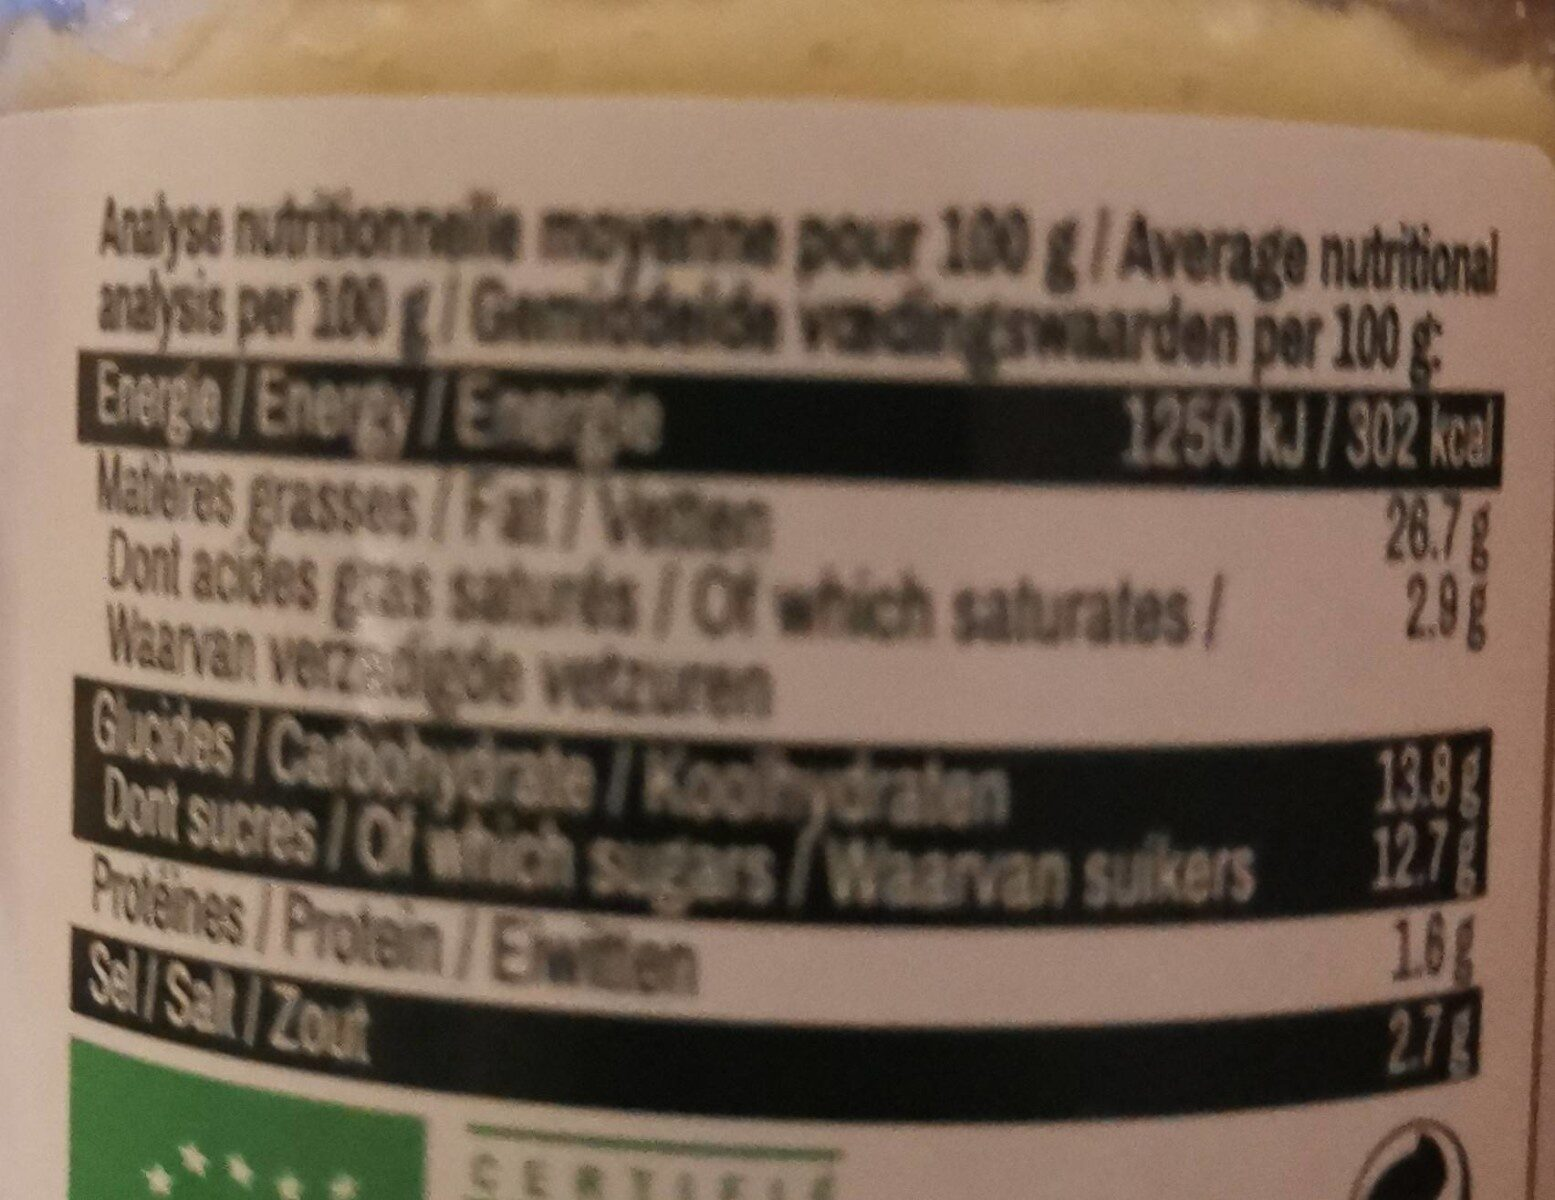 PULPE D'AIL BIO - Informations nutritionnelles - fr